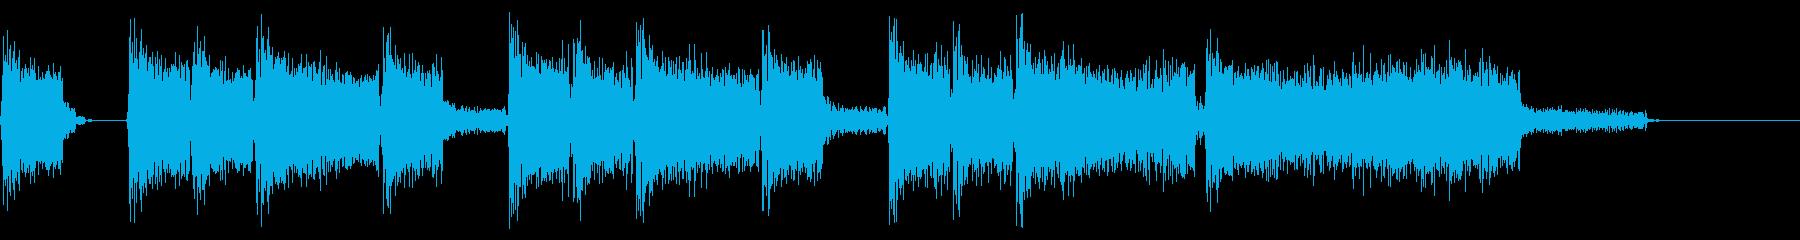 ゲームクリア ステージクリア 8bitの再生済みの波形